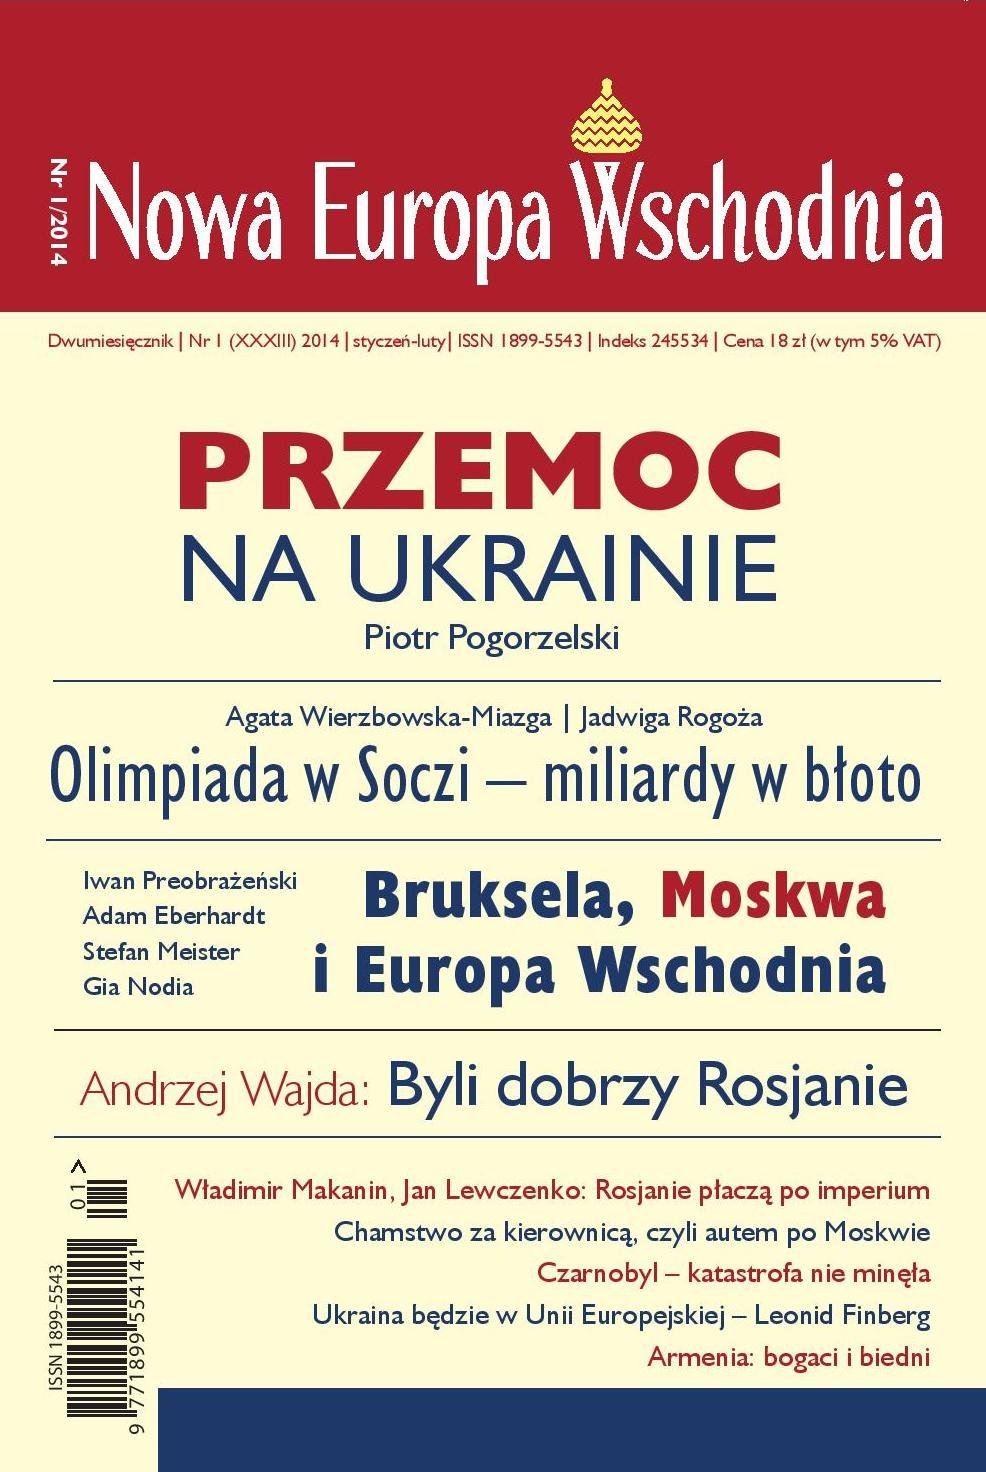 Nowa Europa Wschodnia 1/2014 - Ebook (Książka na Kindle) do pobrania w formacie MOBI